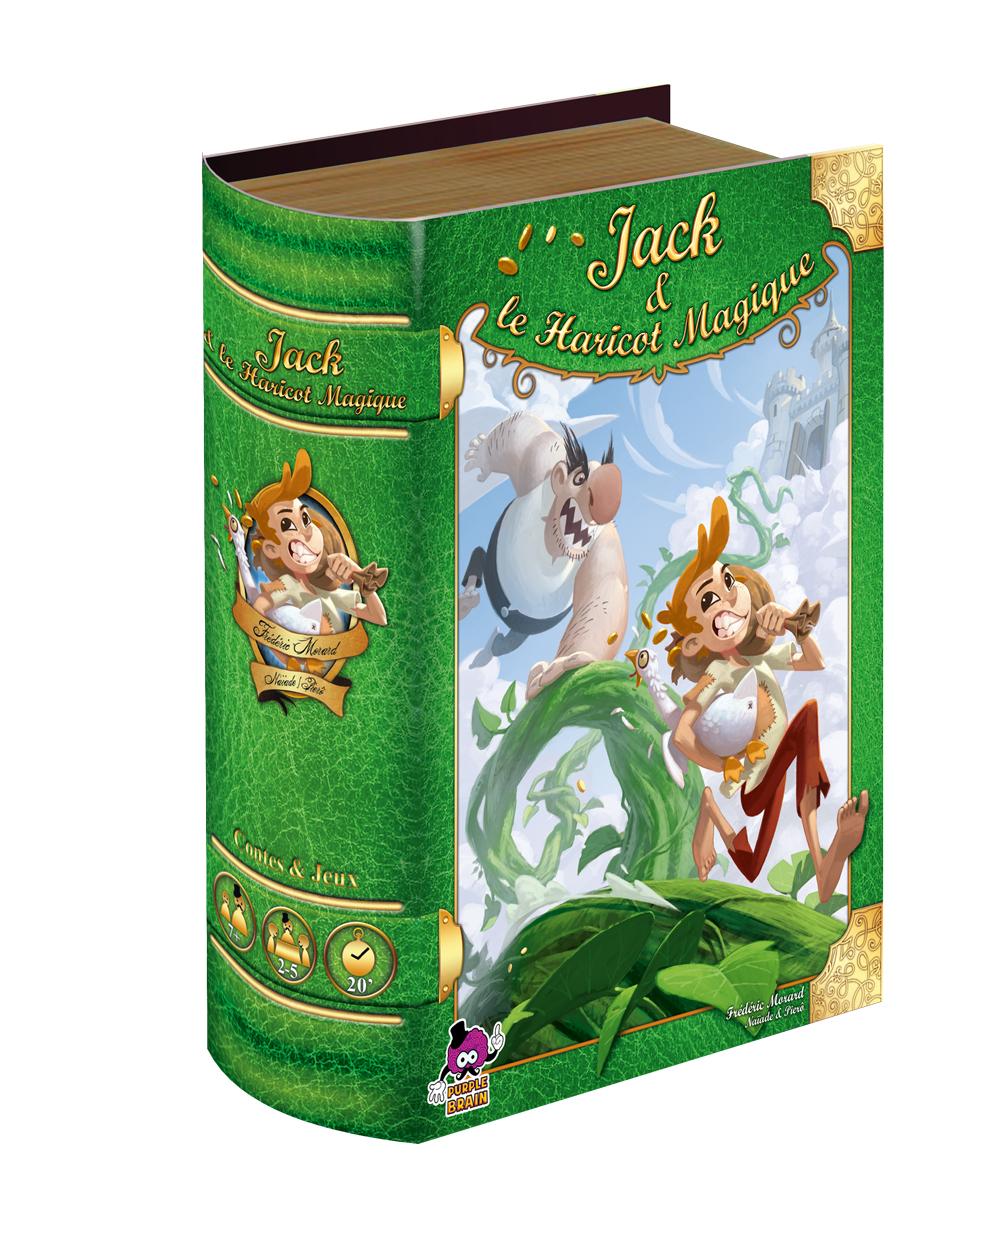 Jack-et-le-Haricot-magique_mokup